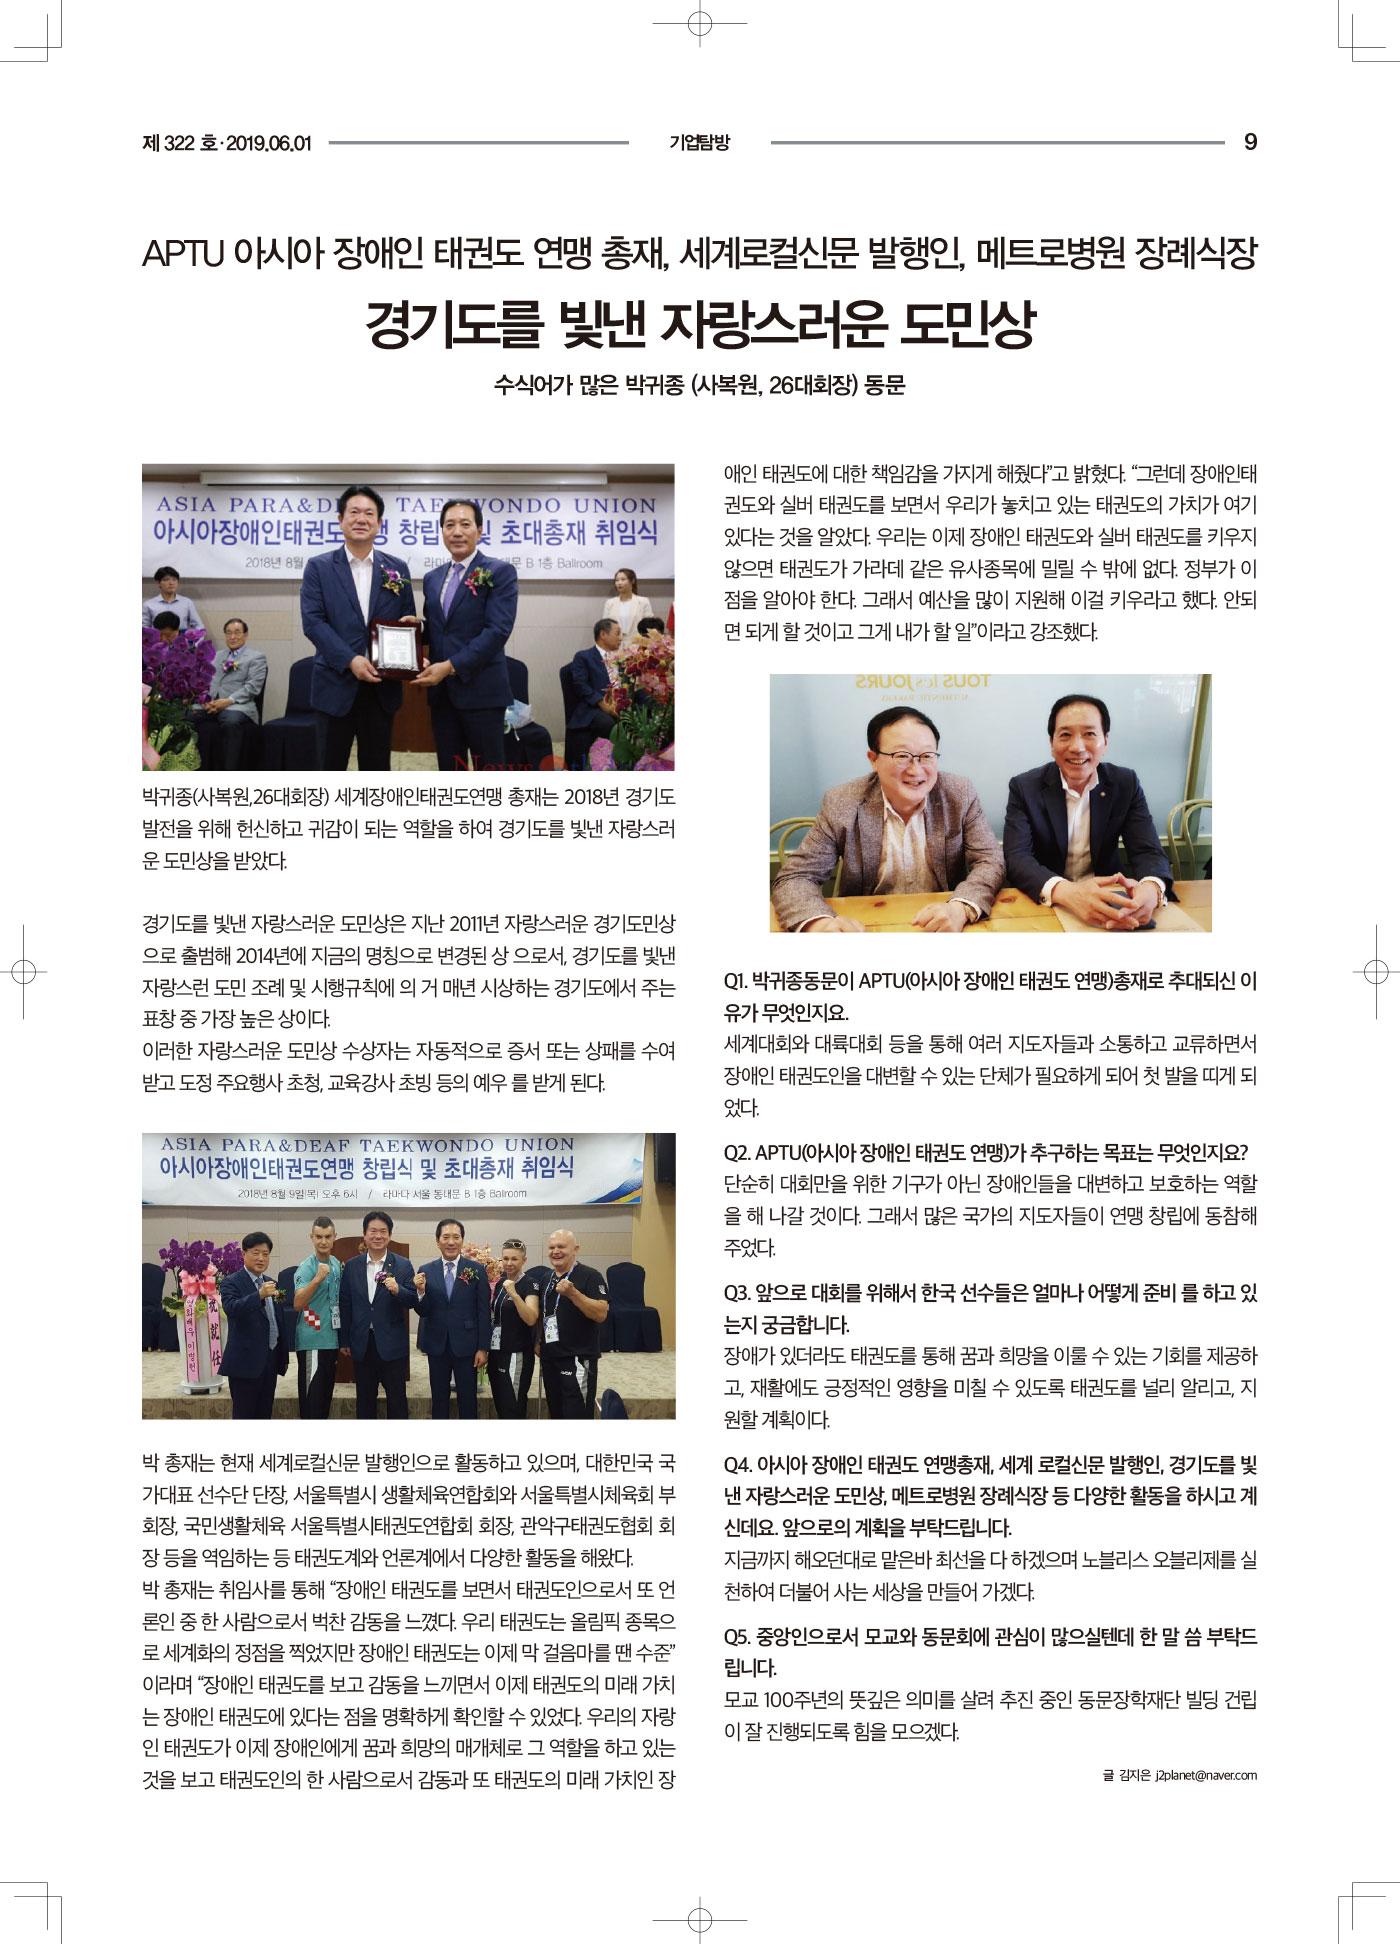 중앙대학교_동문회보190604-인쇄최종1-(1)-9.jpg